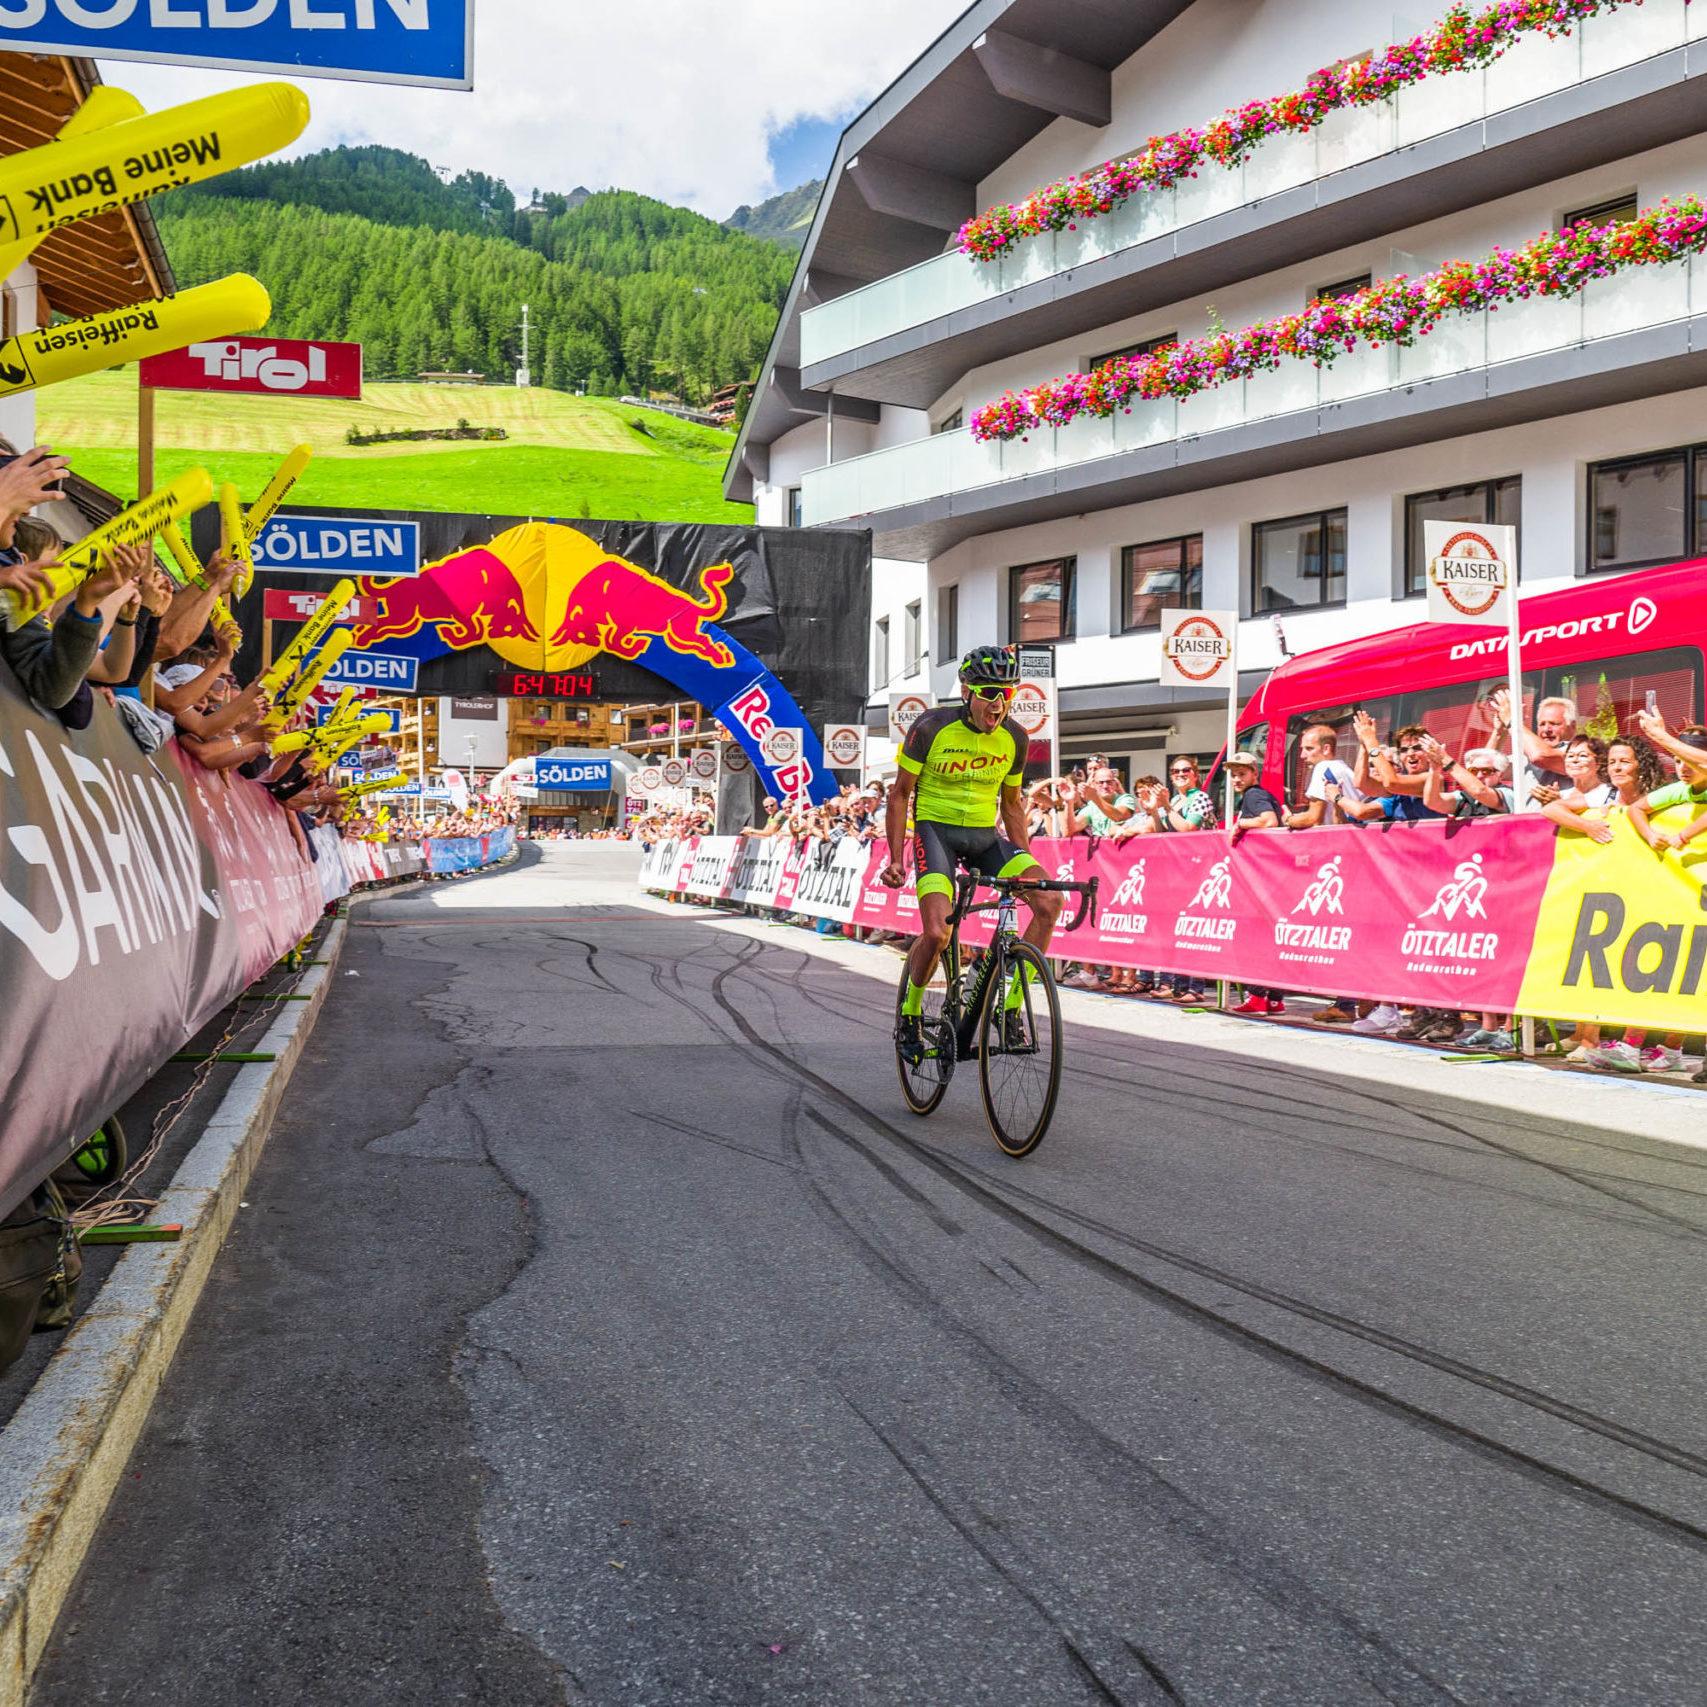 Titel verteidigt und neuer Streckenrekord – Sieg Ötztaler Radmarathon 2019